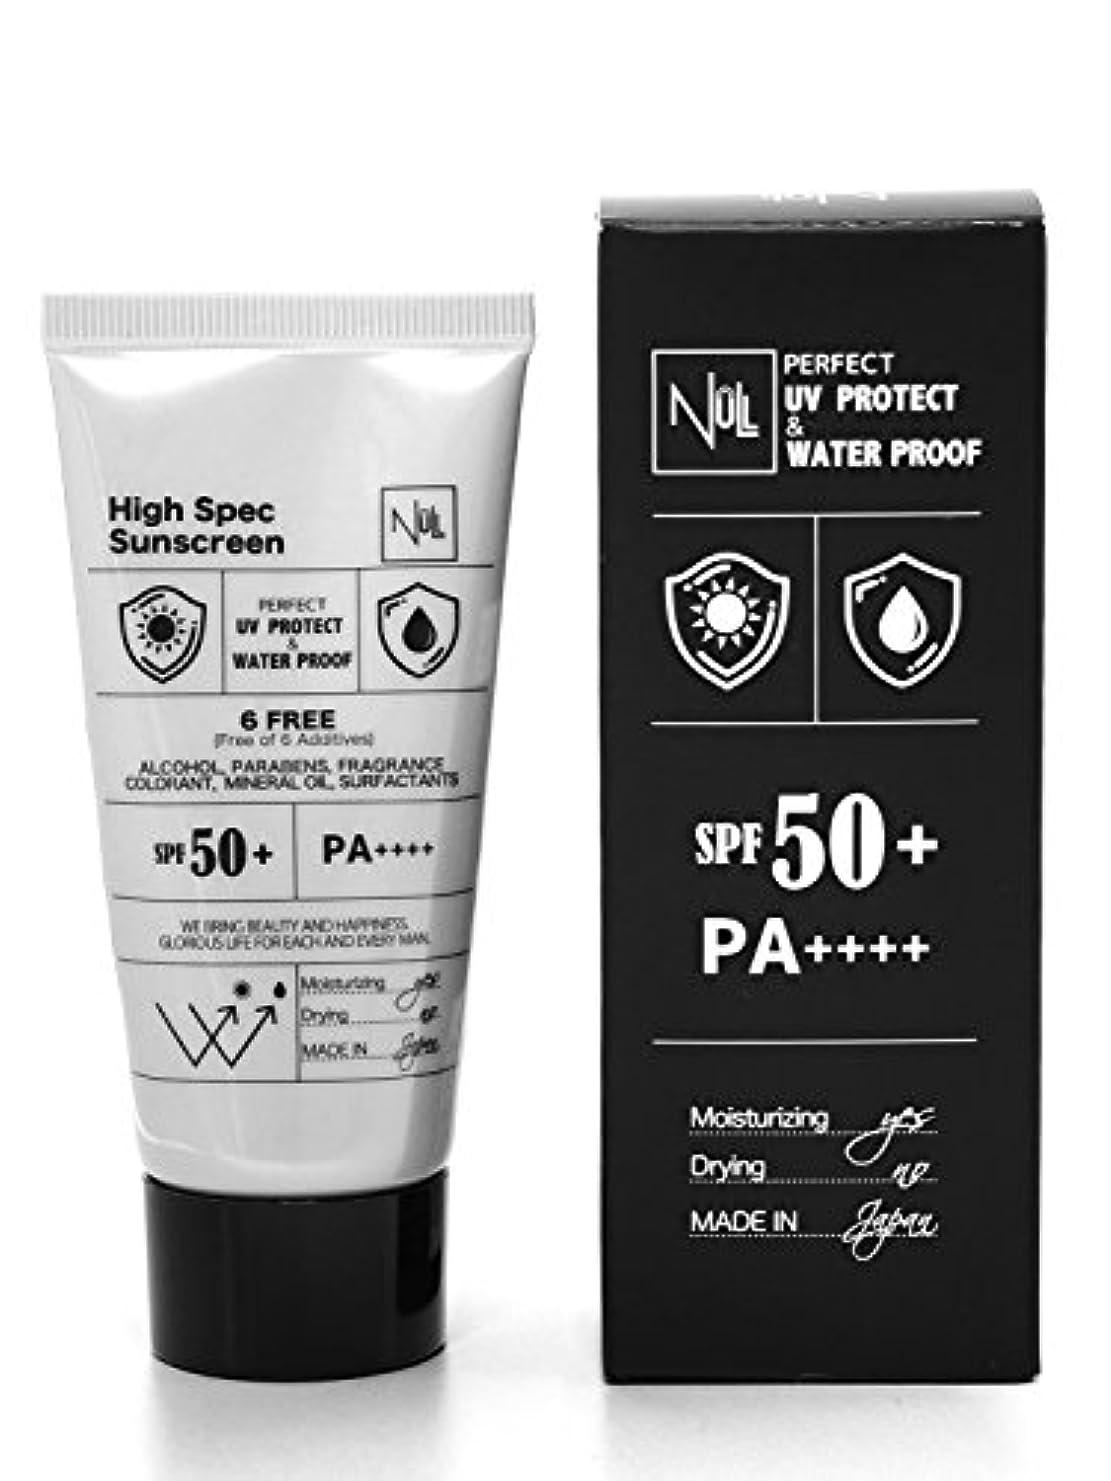 一次信条応用NULL 日焼け止め メンズ ウォータープルーフ (顔 & 全身 用) SPF50+ PA++++ ロングUVA対応 40g (特殊製法で 汗/水 にめっぽう強い) (白くならない/クレンジング不要) スポーツ ゴルフ 用